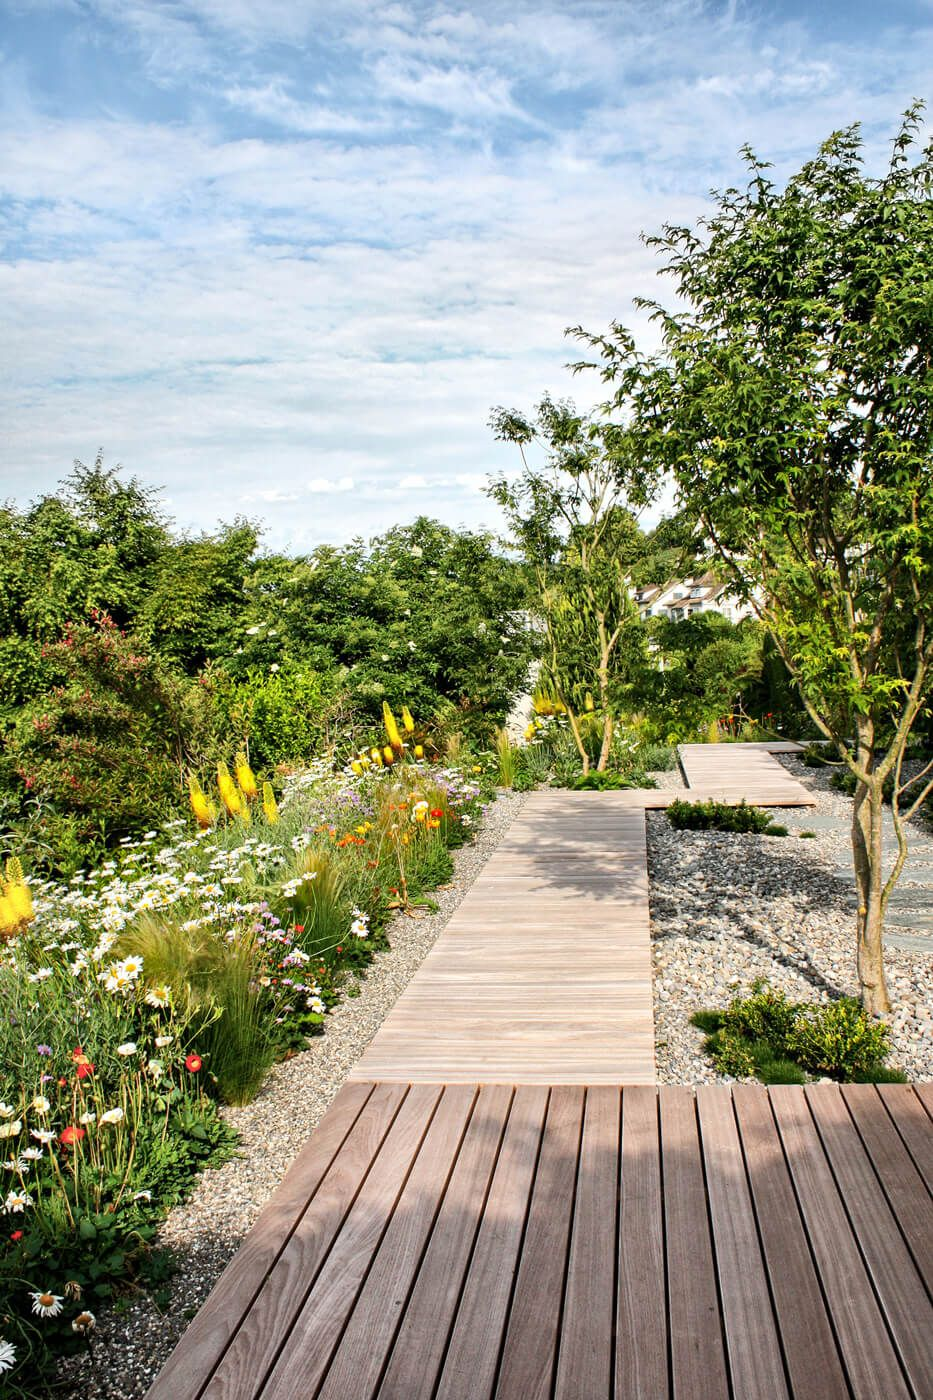 mischbepflanzung und weg aus holz in einem kleinen privatgarten